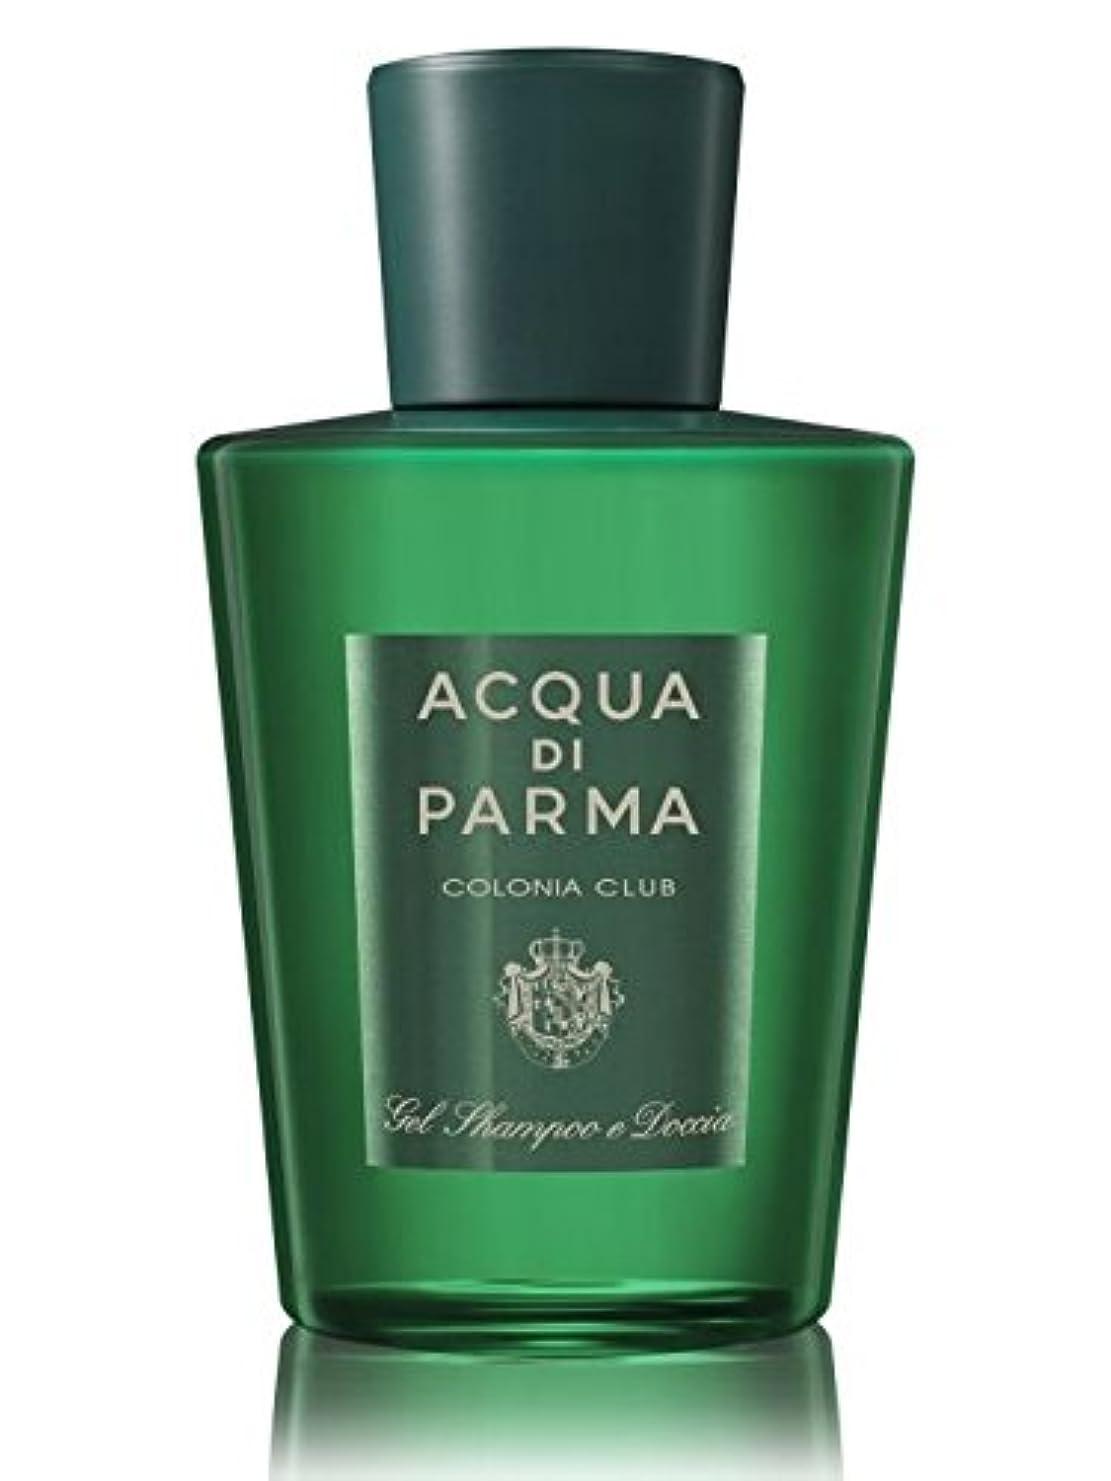 偽善者ペインティング深遠Acqua di Parma Colonia Club (アクア ディ パルマ コロニア クラブ) 6.7 oz (200ml) Hair & Shower Gel